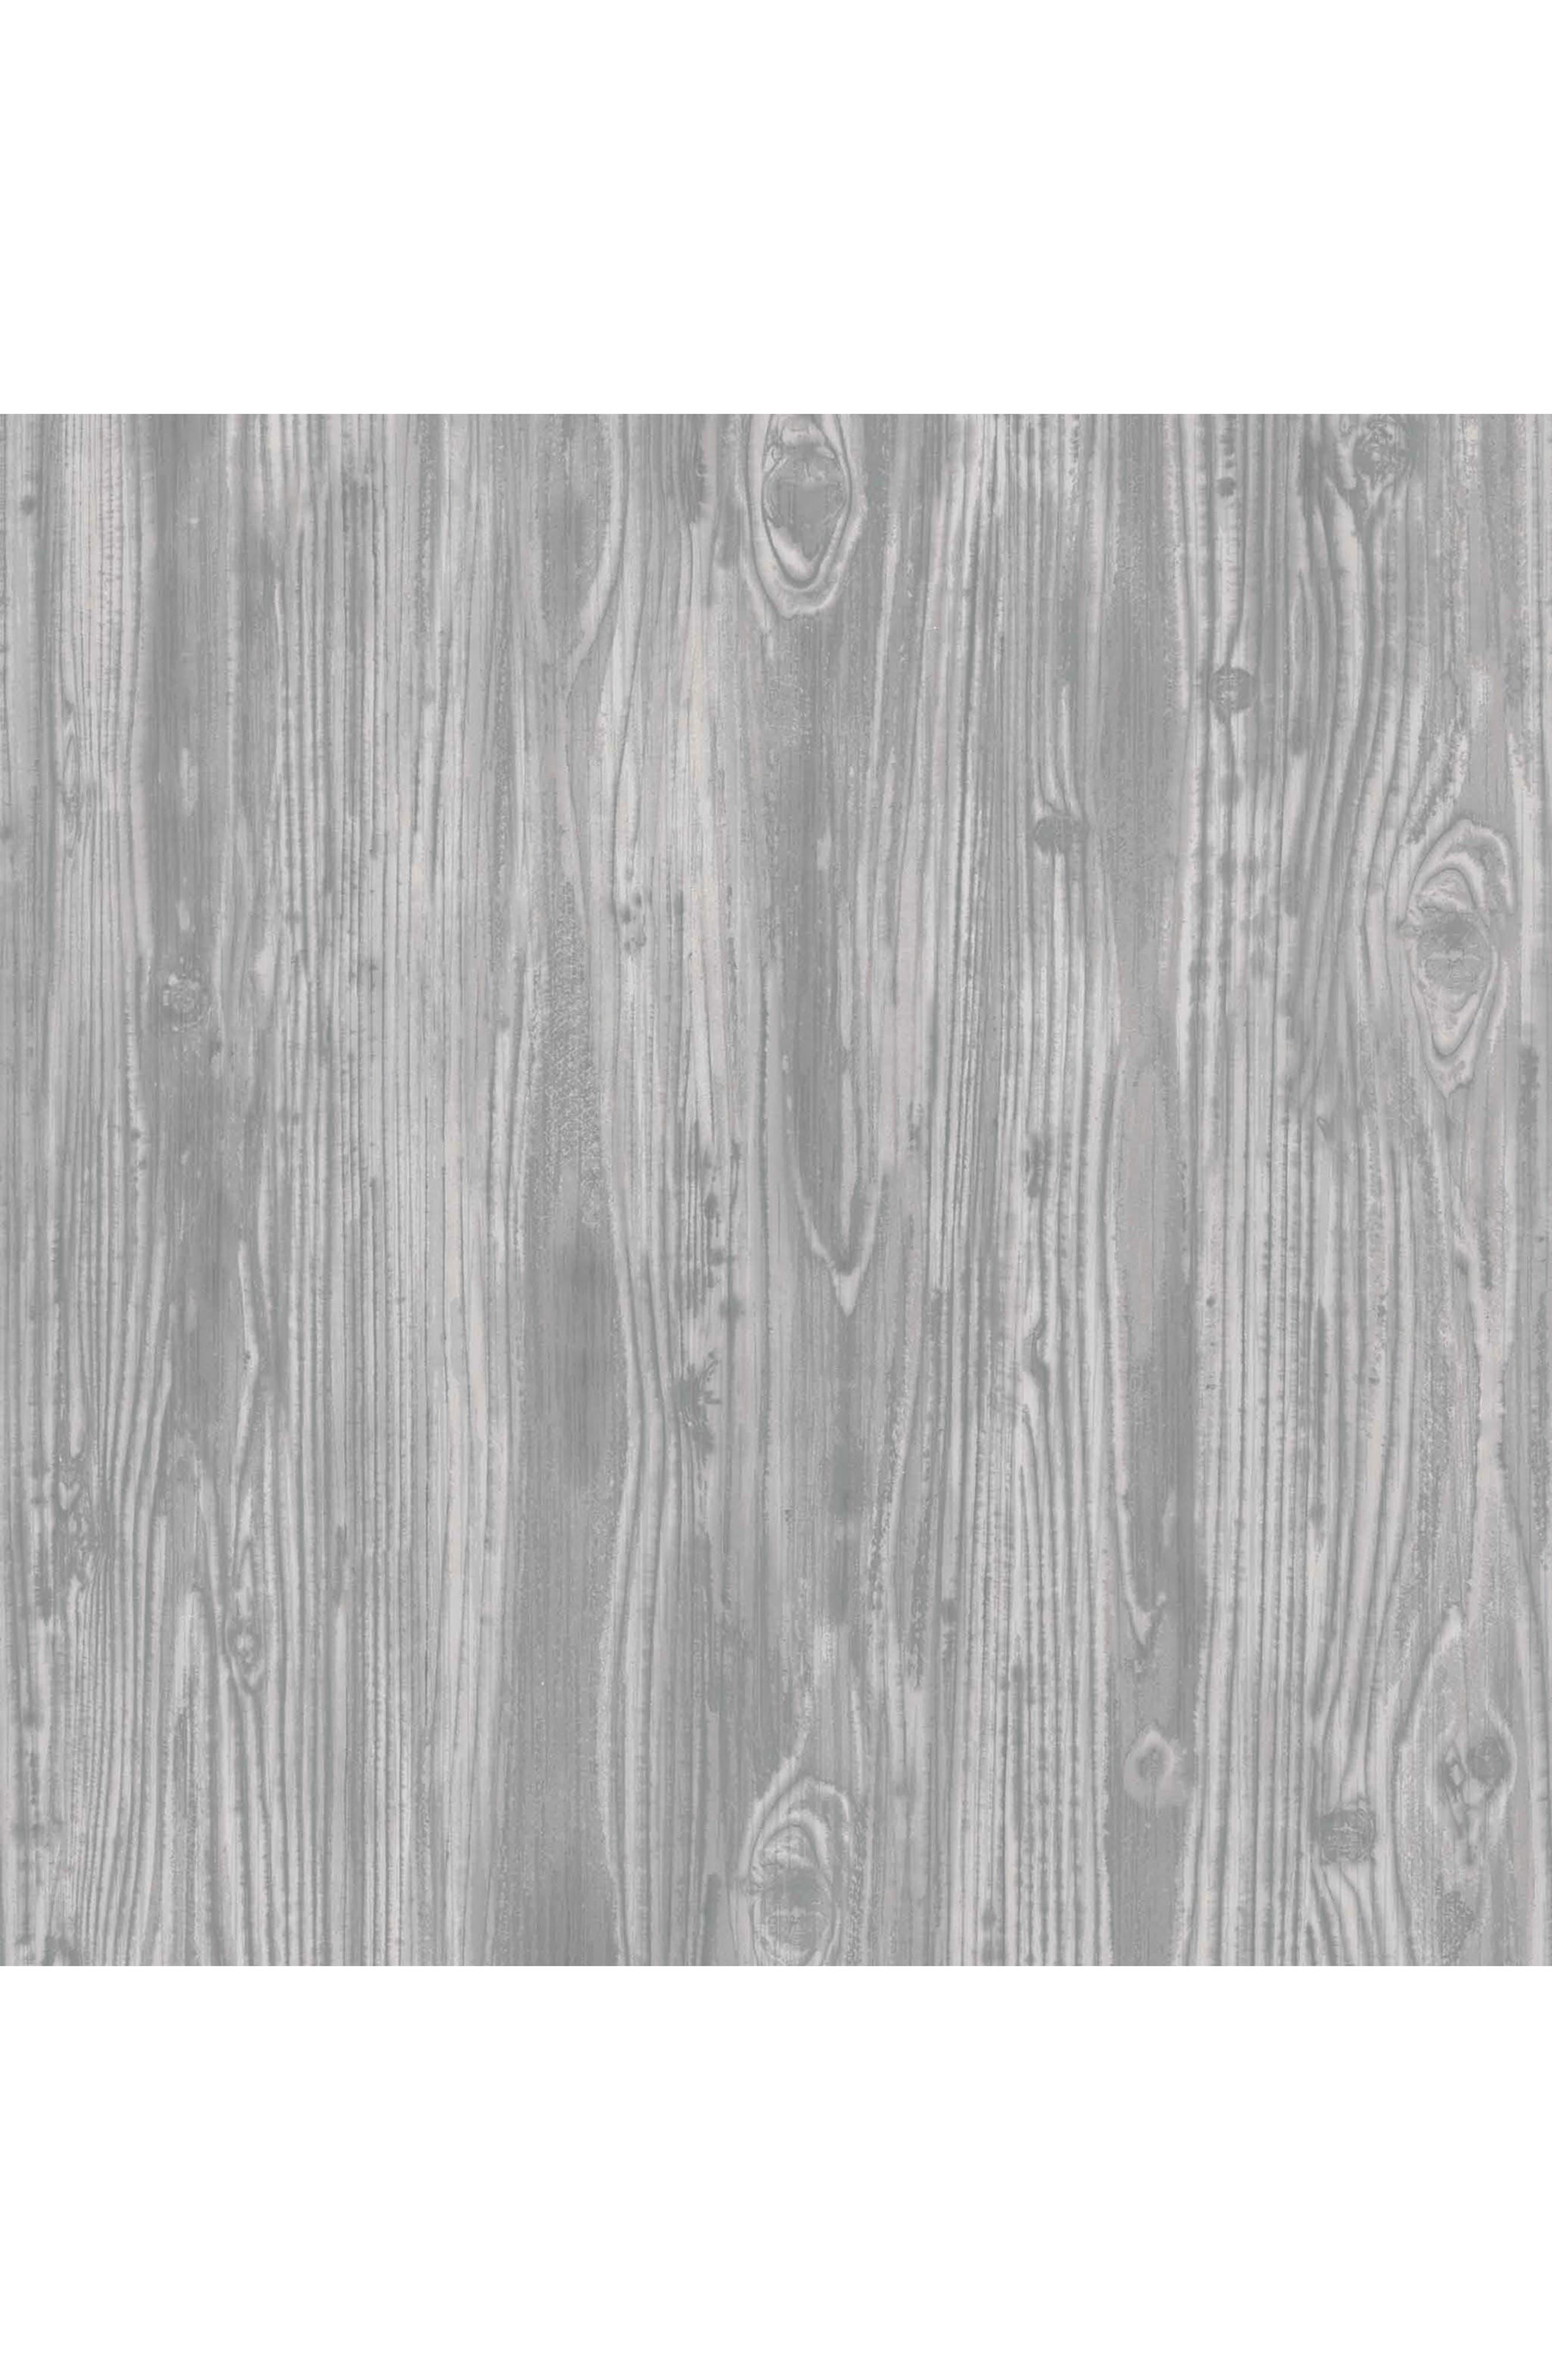 Woodgrain Self-Adhesive Vinyl Wallpaper,                         Main,                         color, 020